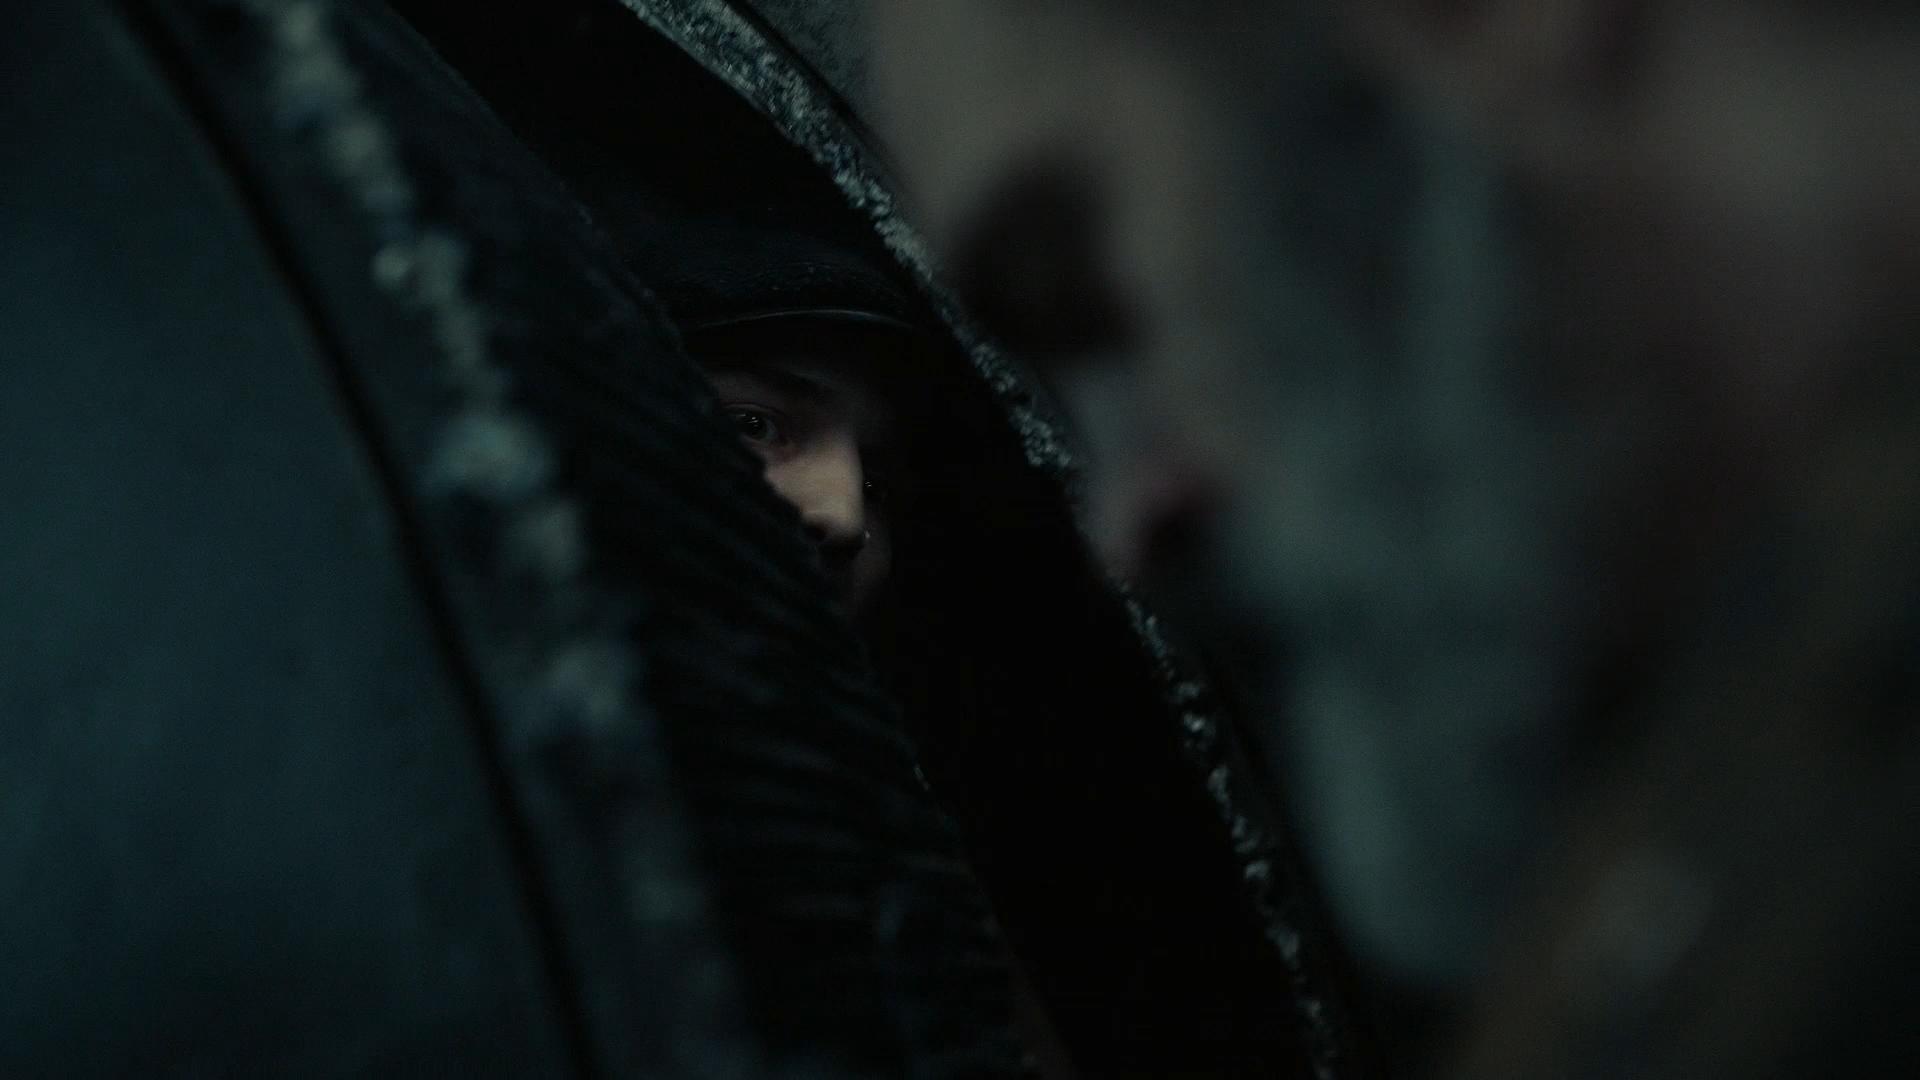 Изображение для Сквозь снег / Snowpiercer, Сезон 2, Серии 1-10 из 10 (2021) WEB-DLRip 1080p (кликните для просмотра полного изображения)